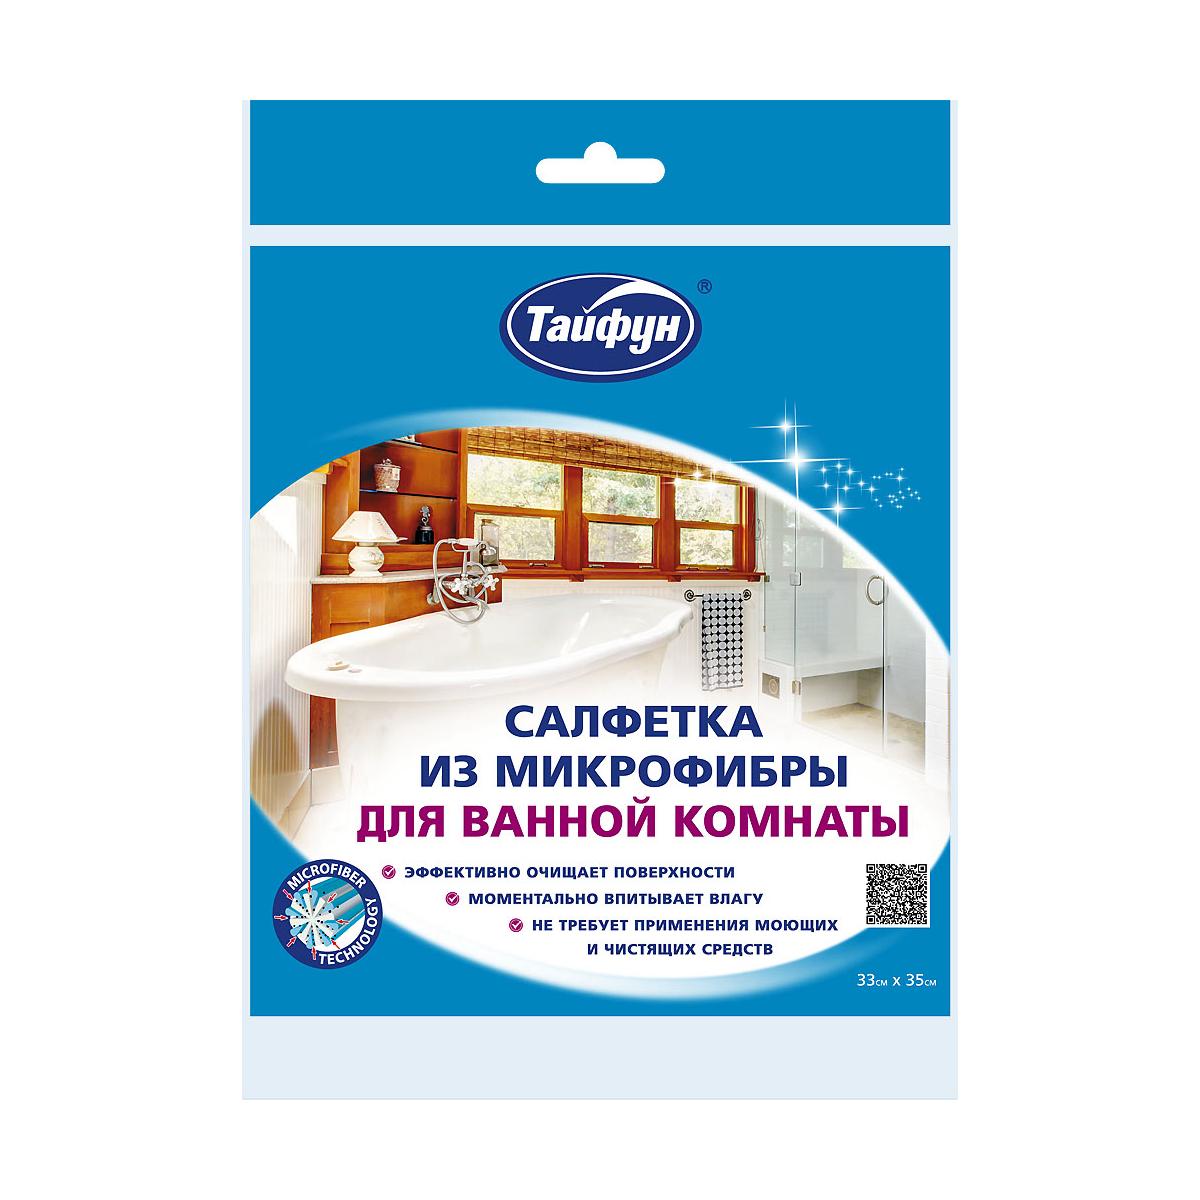 Салфетка для ванной Тайфун 33х35 см